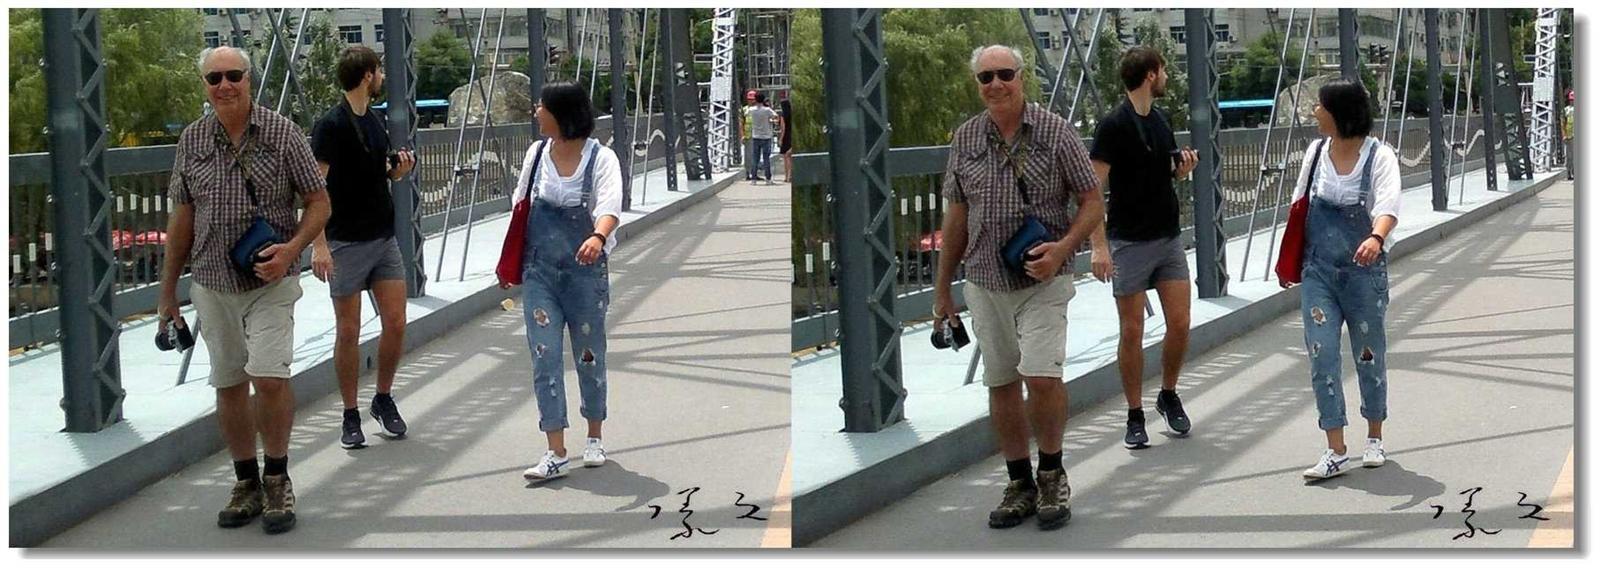 【原创】铁桥上的外国游客 -1